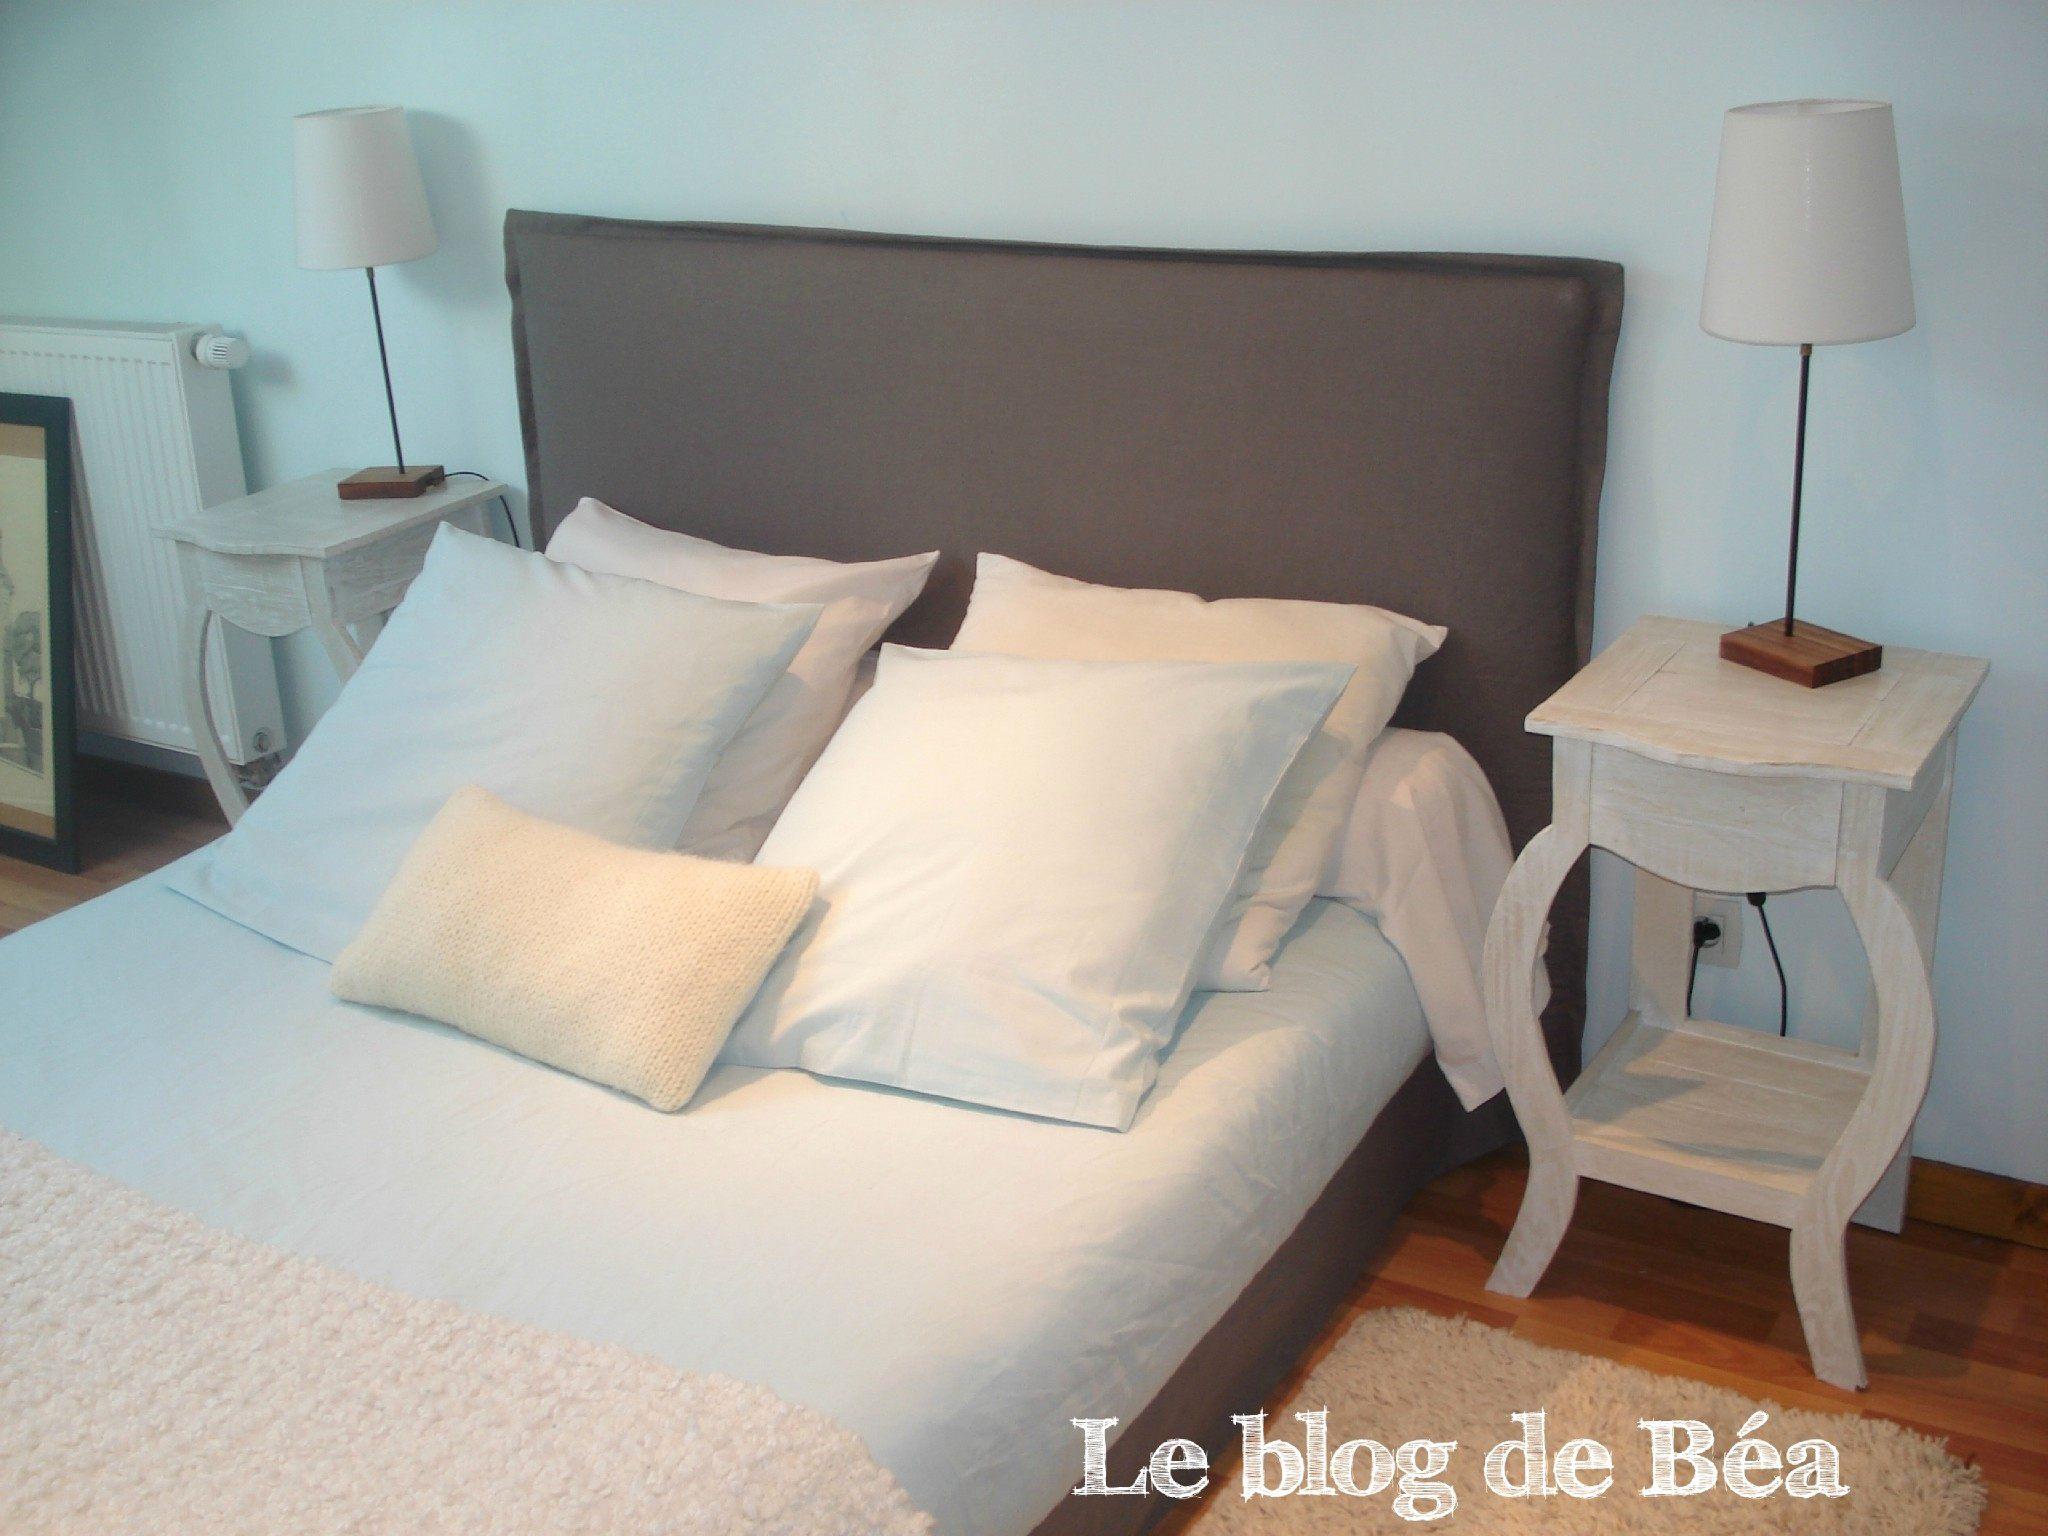 Tringle Tete De Lit Unique Housse Tete De Lit Elegant Home Enhancements by Jana Pallet Wood